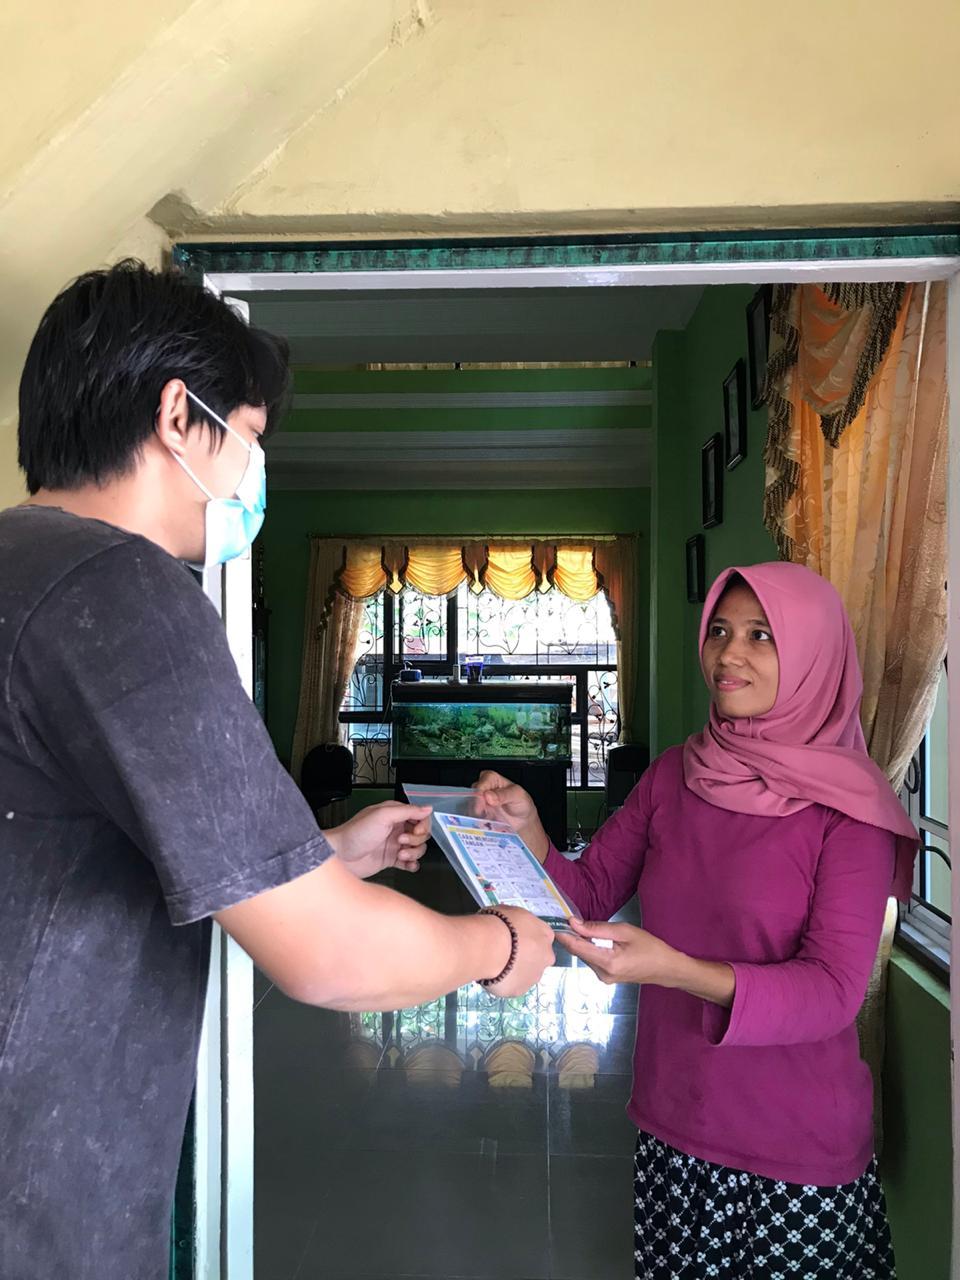 Guna Tingkatkan Pemahaman Covid-19, Mahasiswa KKN UNS Bagikan KKN KIT di Wilayah Tanjungpinang Barat